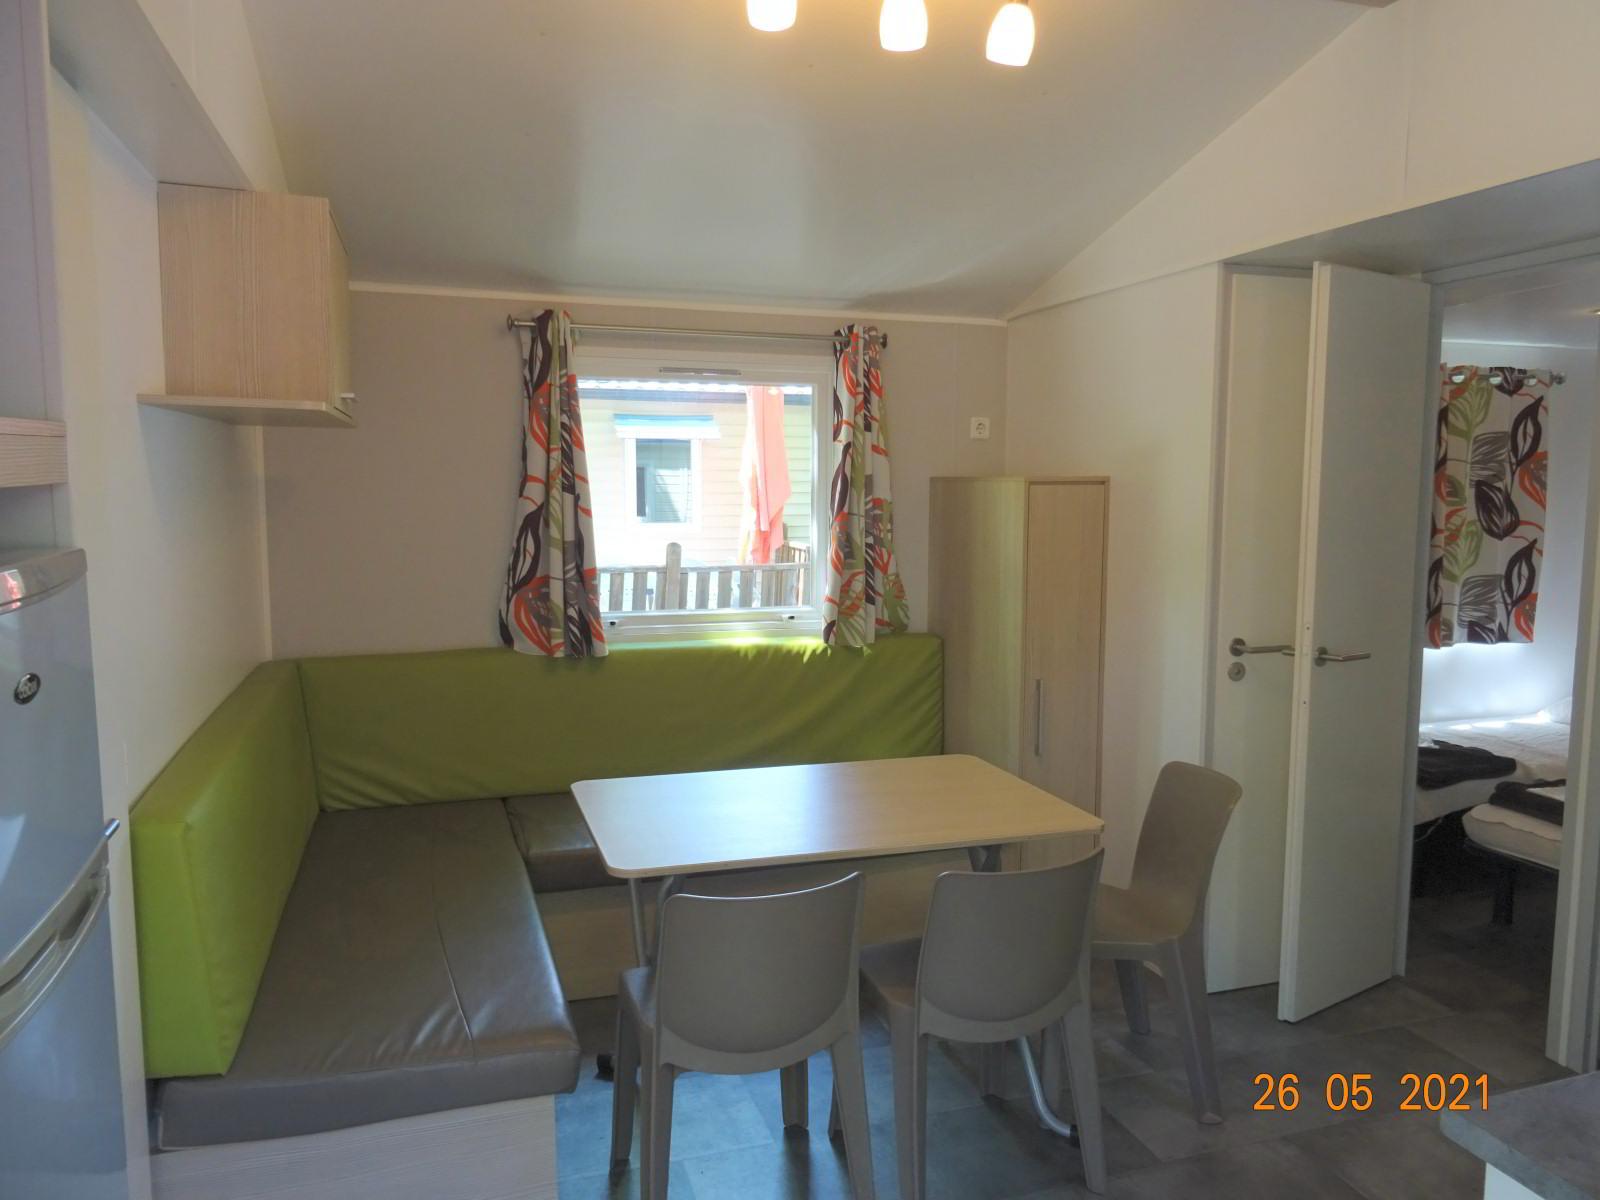 Mobilheim 3 Schlafzimmer, Wohnzimmer